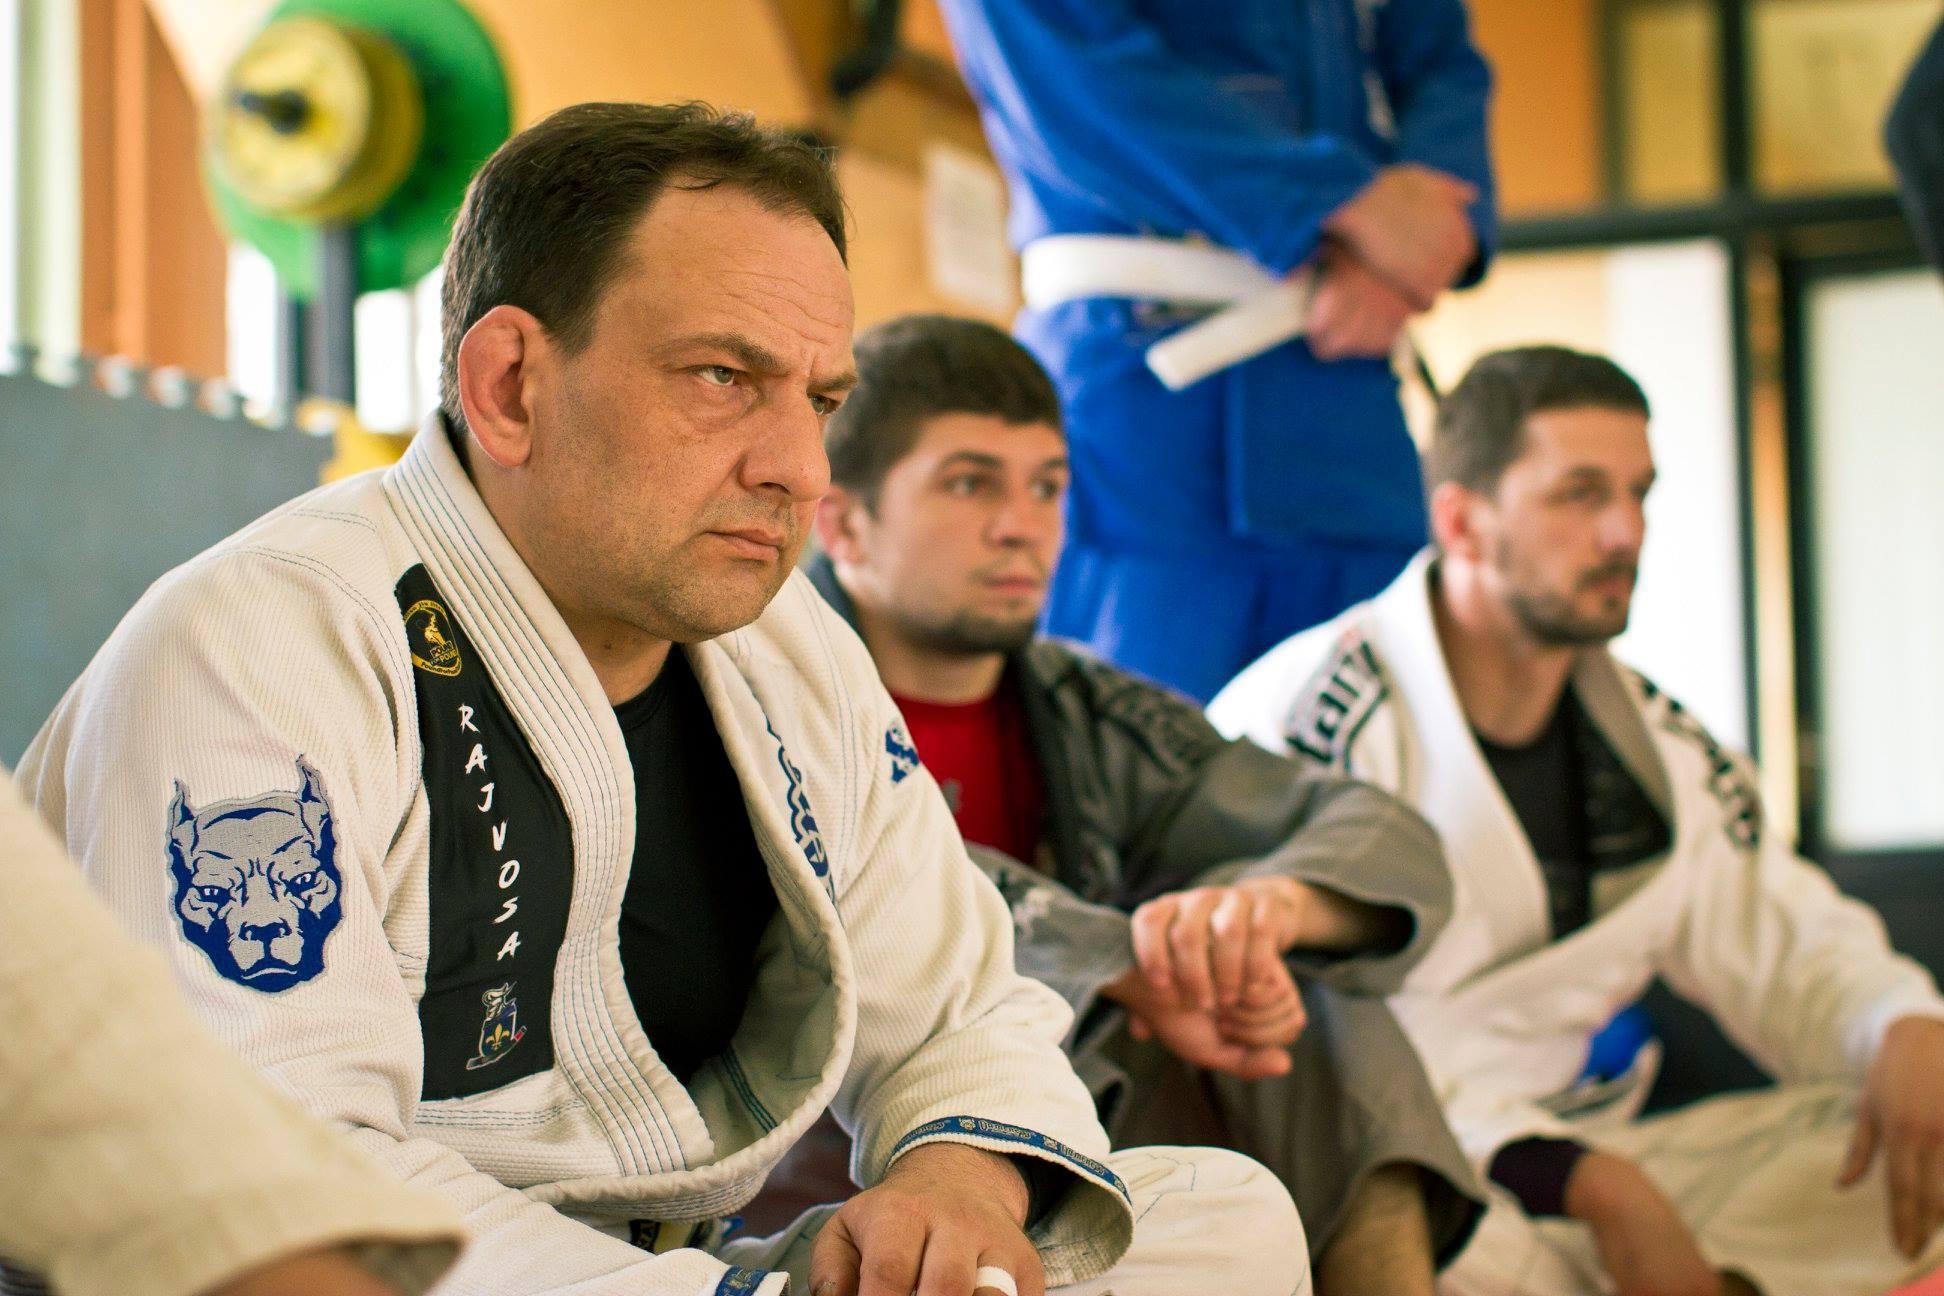 bjj seminar sarajevo (50)